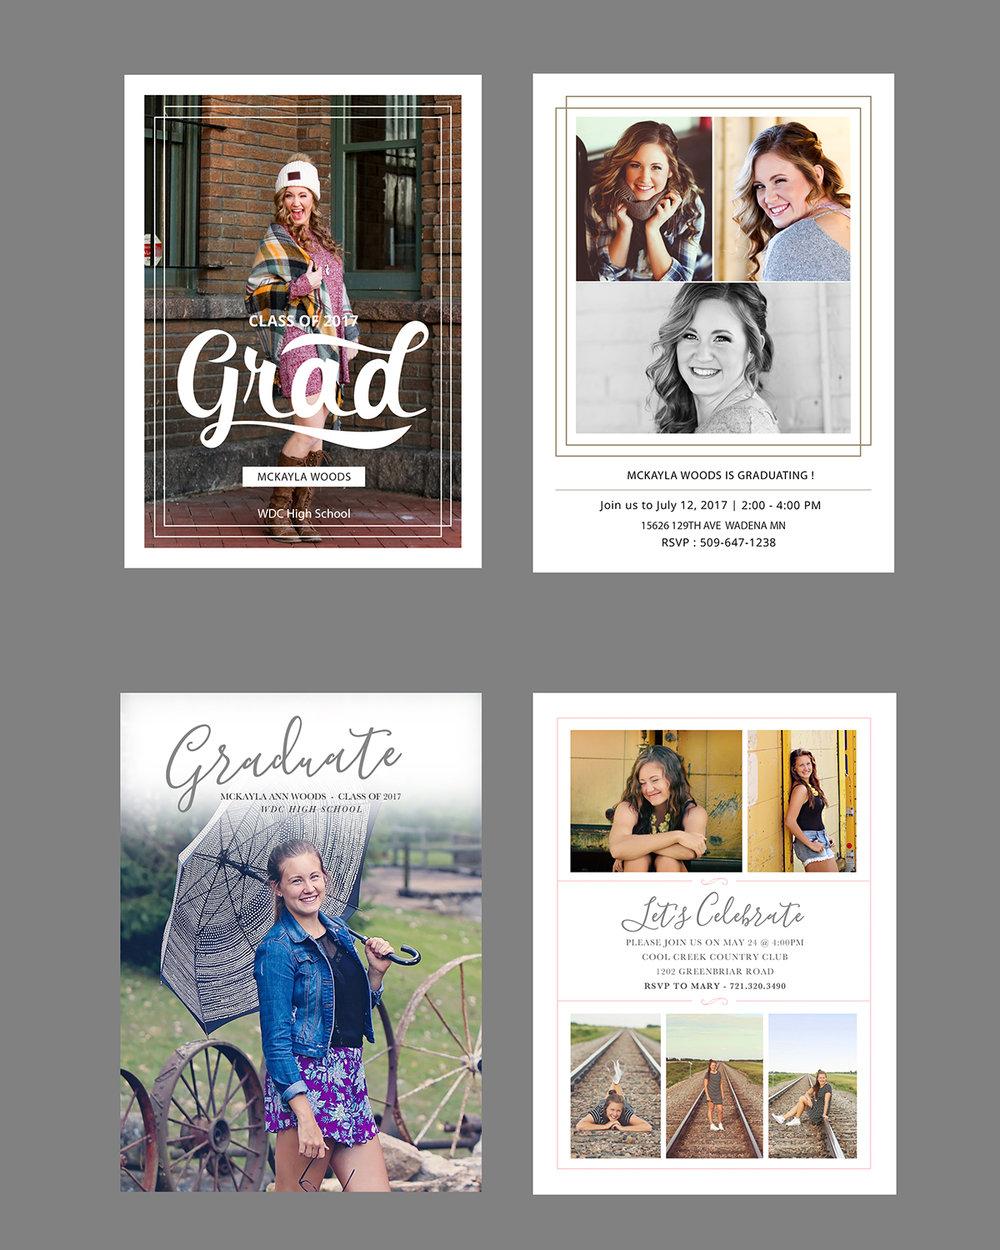 GradCard1Web.jpg